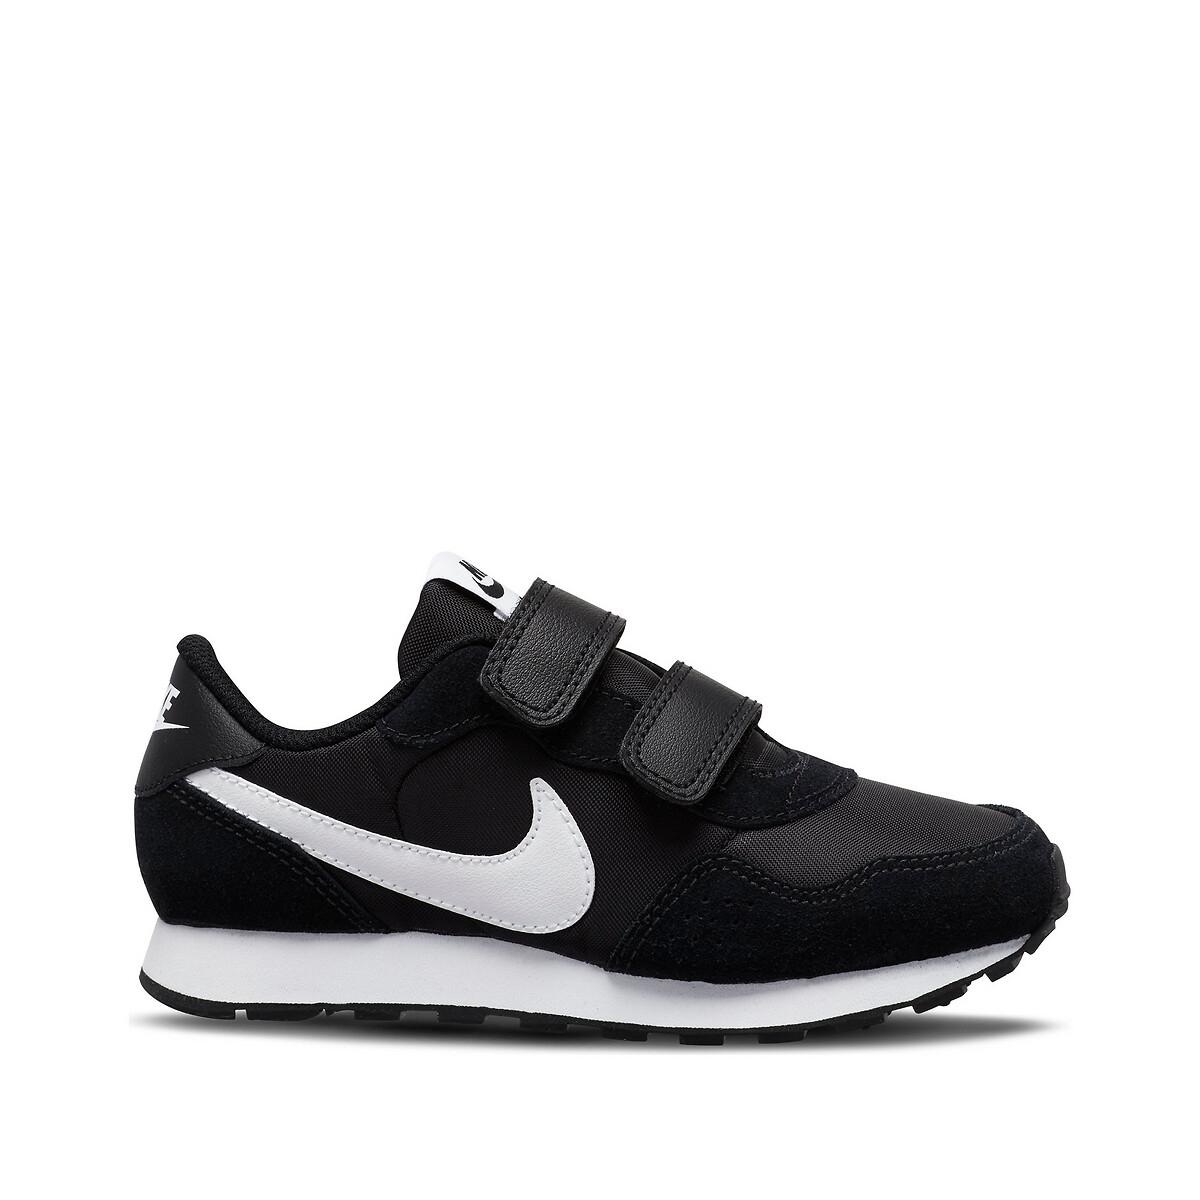 NIKE Valiant sneakers zwart/wit kinderen online kopen